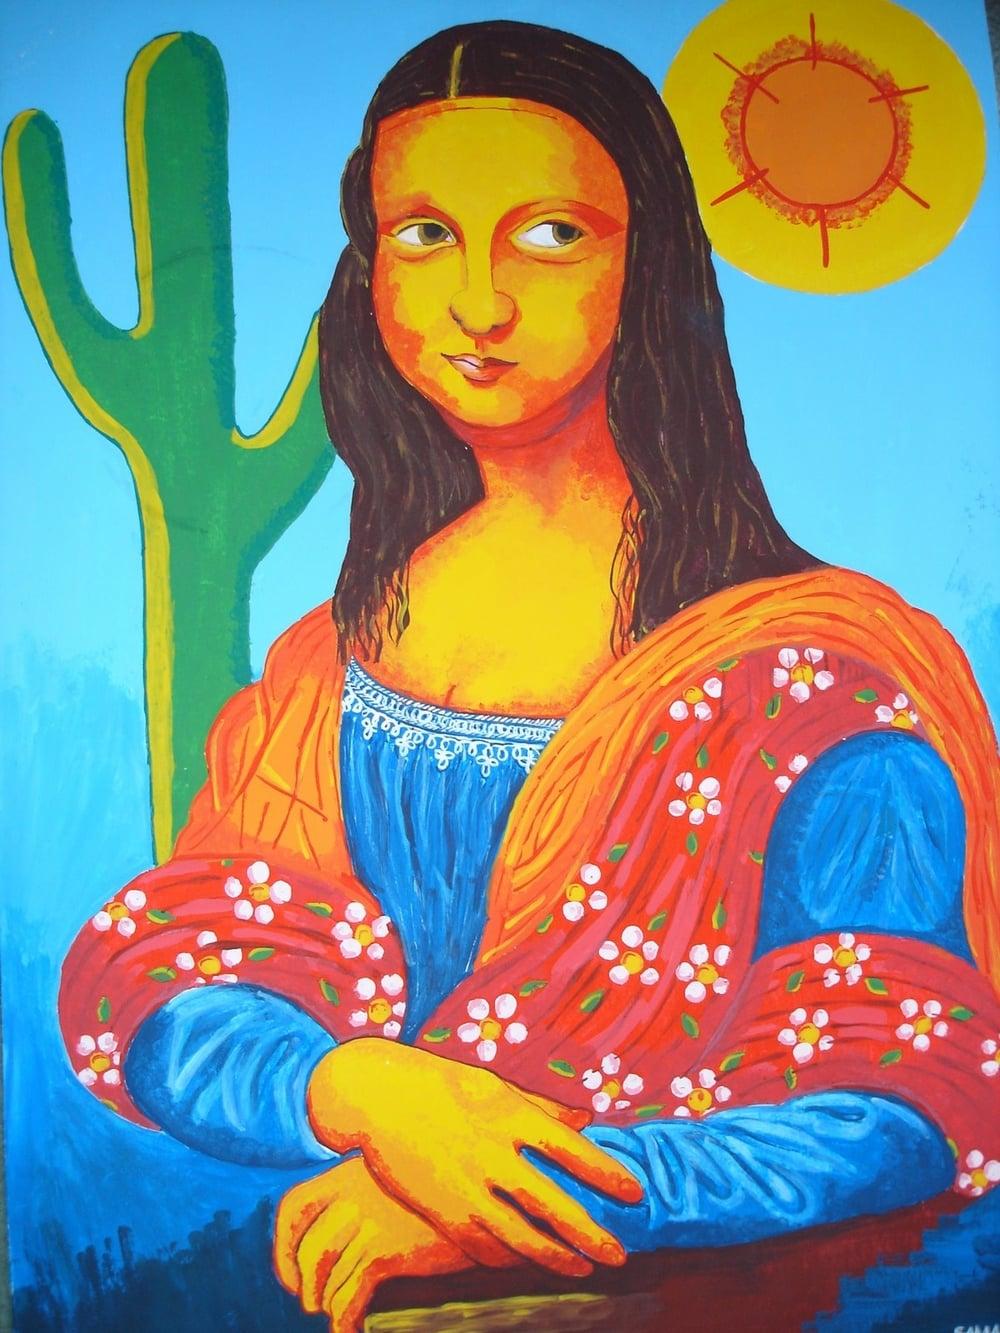 8 - Mona Lisa brasileira, com elementos da obra  'Abaporu'  de Tarsila do Amaral